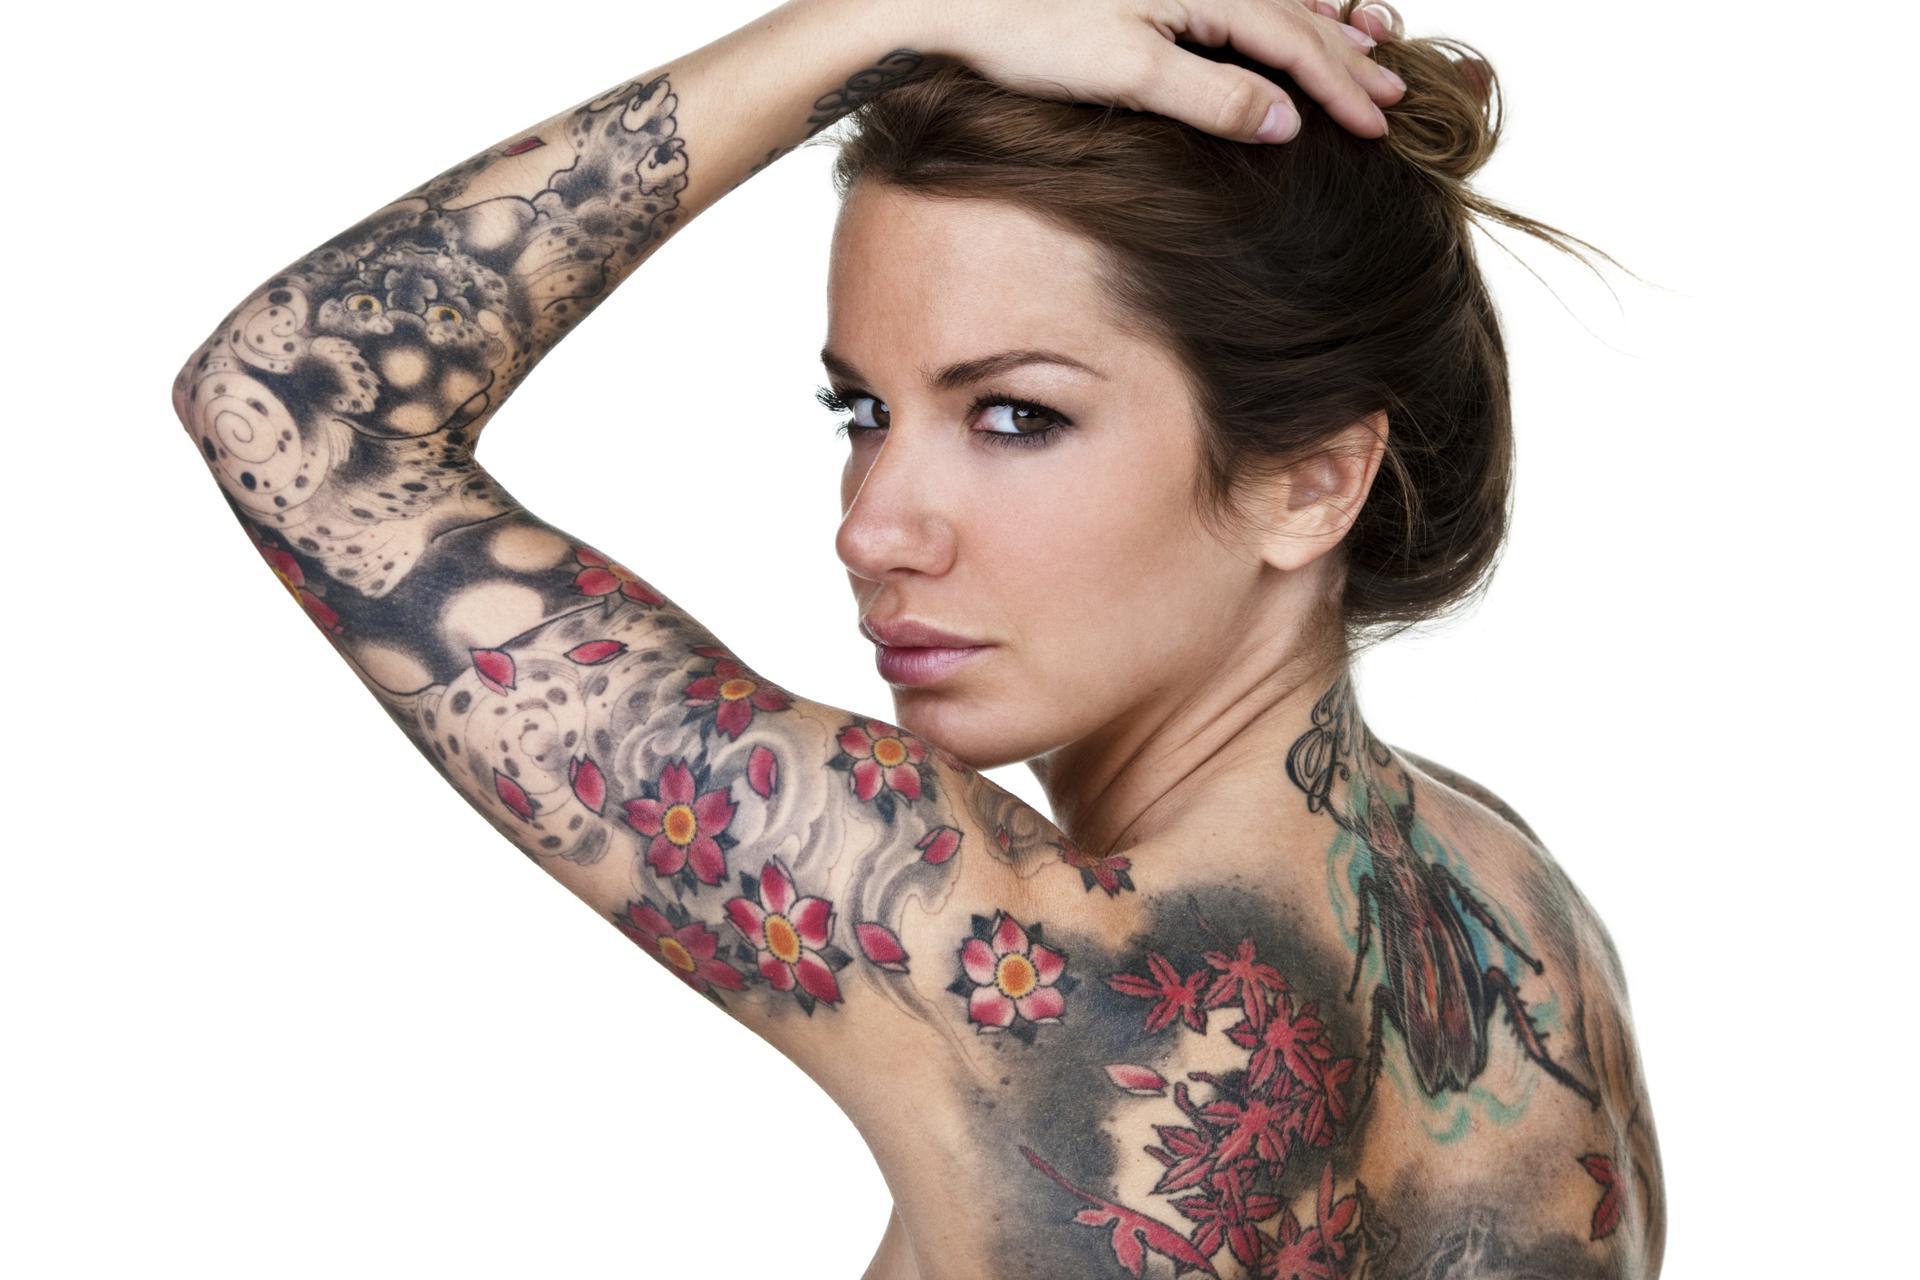 Pielęgnacja Tatuażu Jak Dbać O świeży Tatuaż Co Robić Gdy